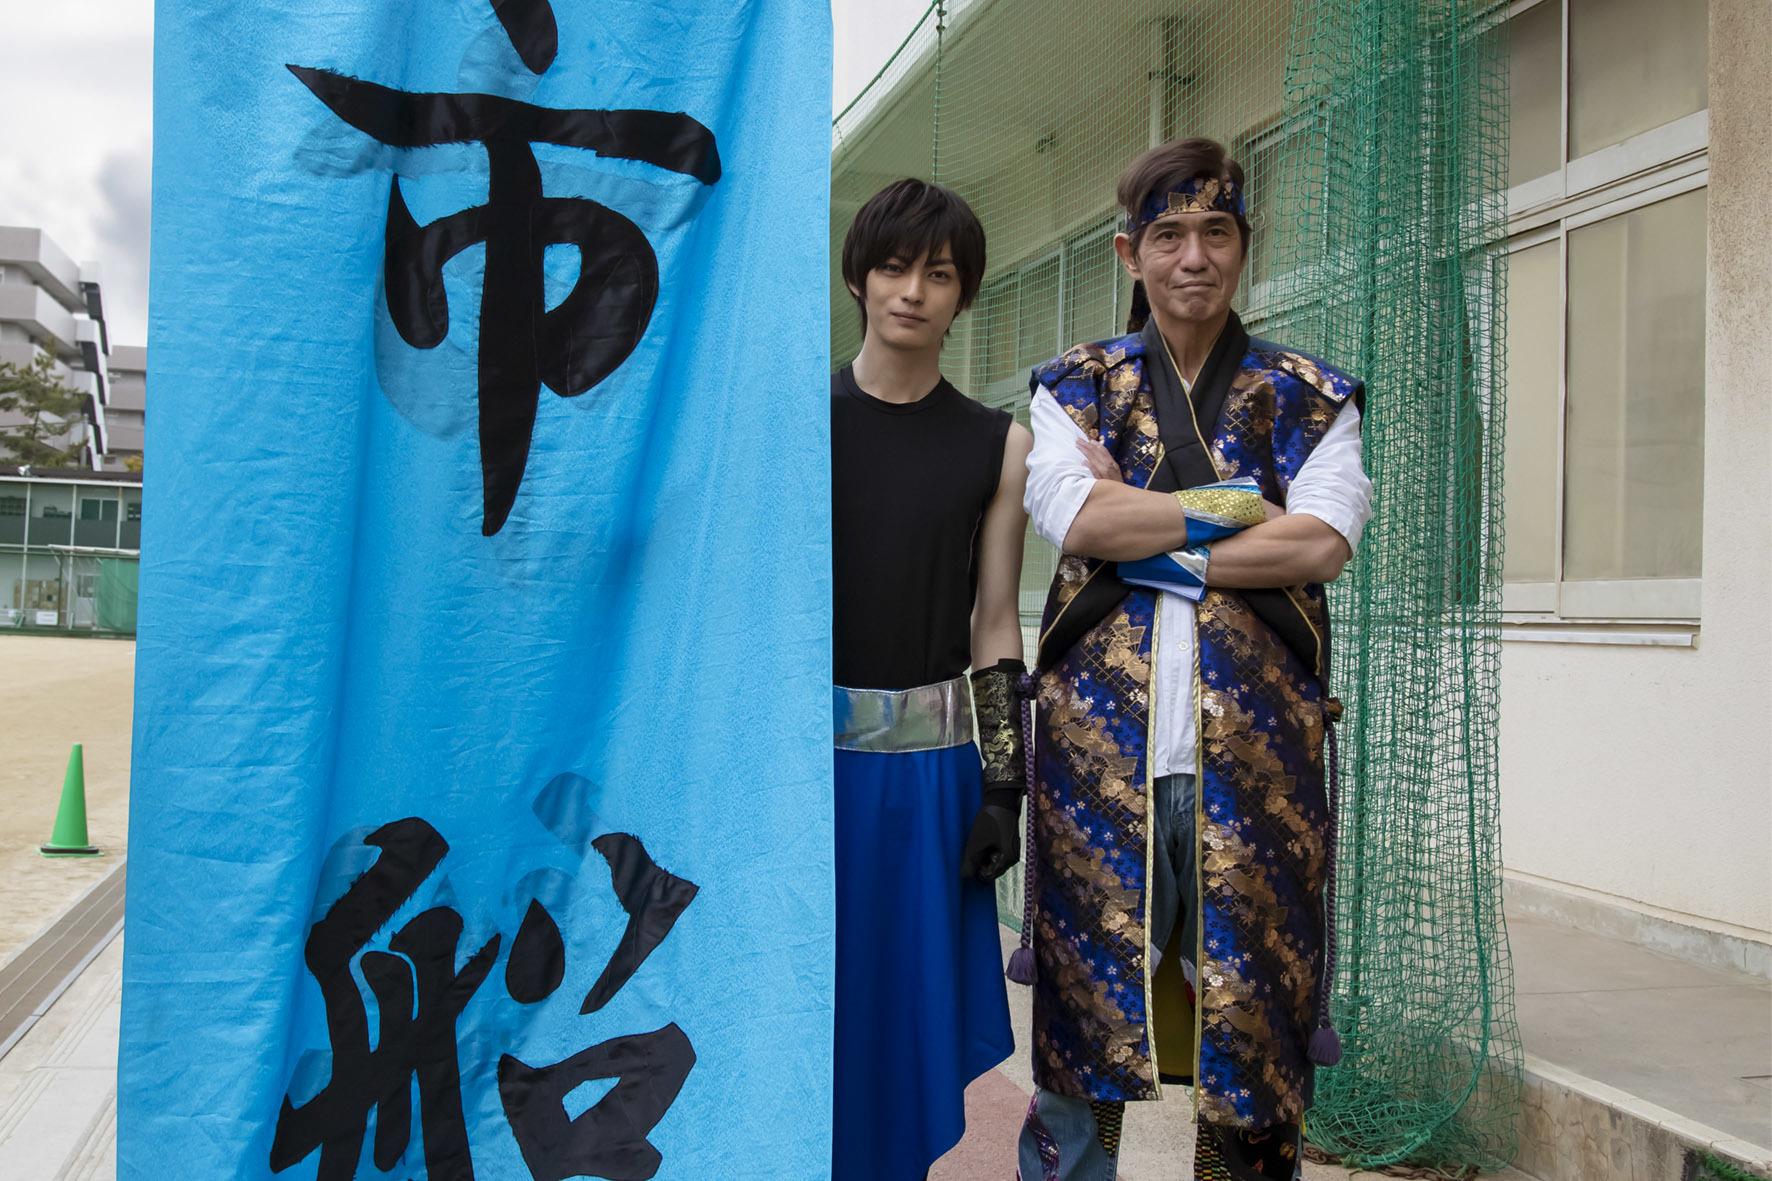 左から、神尾楓珠、佐藤浩市 (C)2022「20歳のソウル」製作委員会